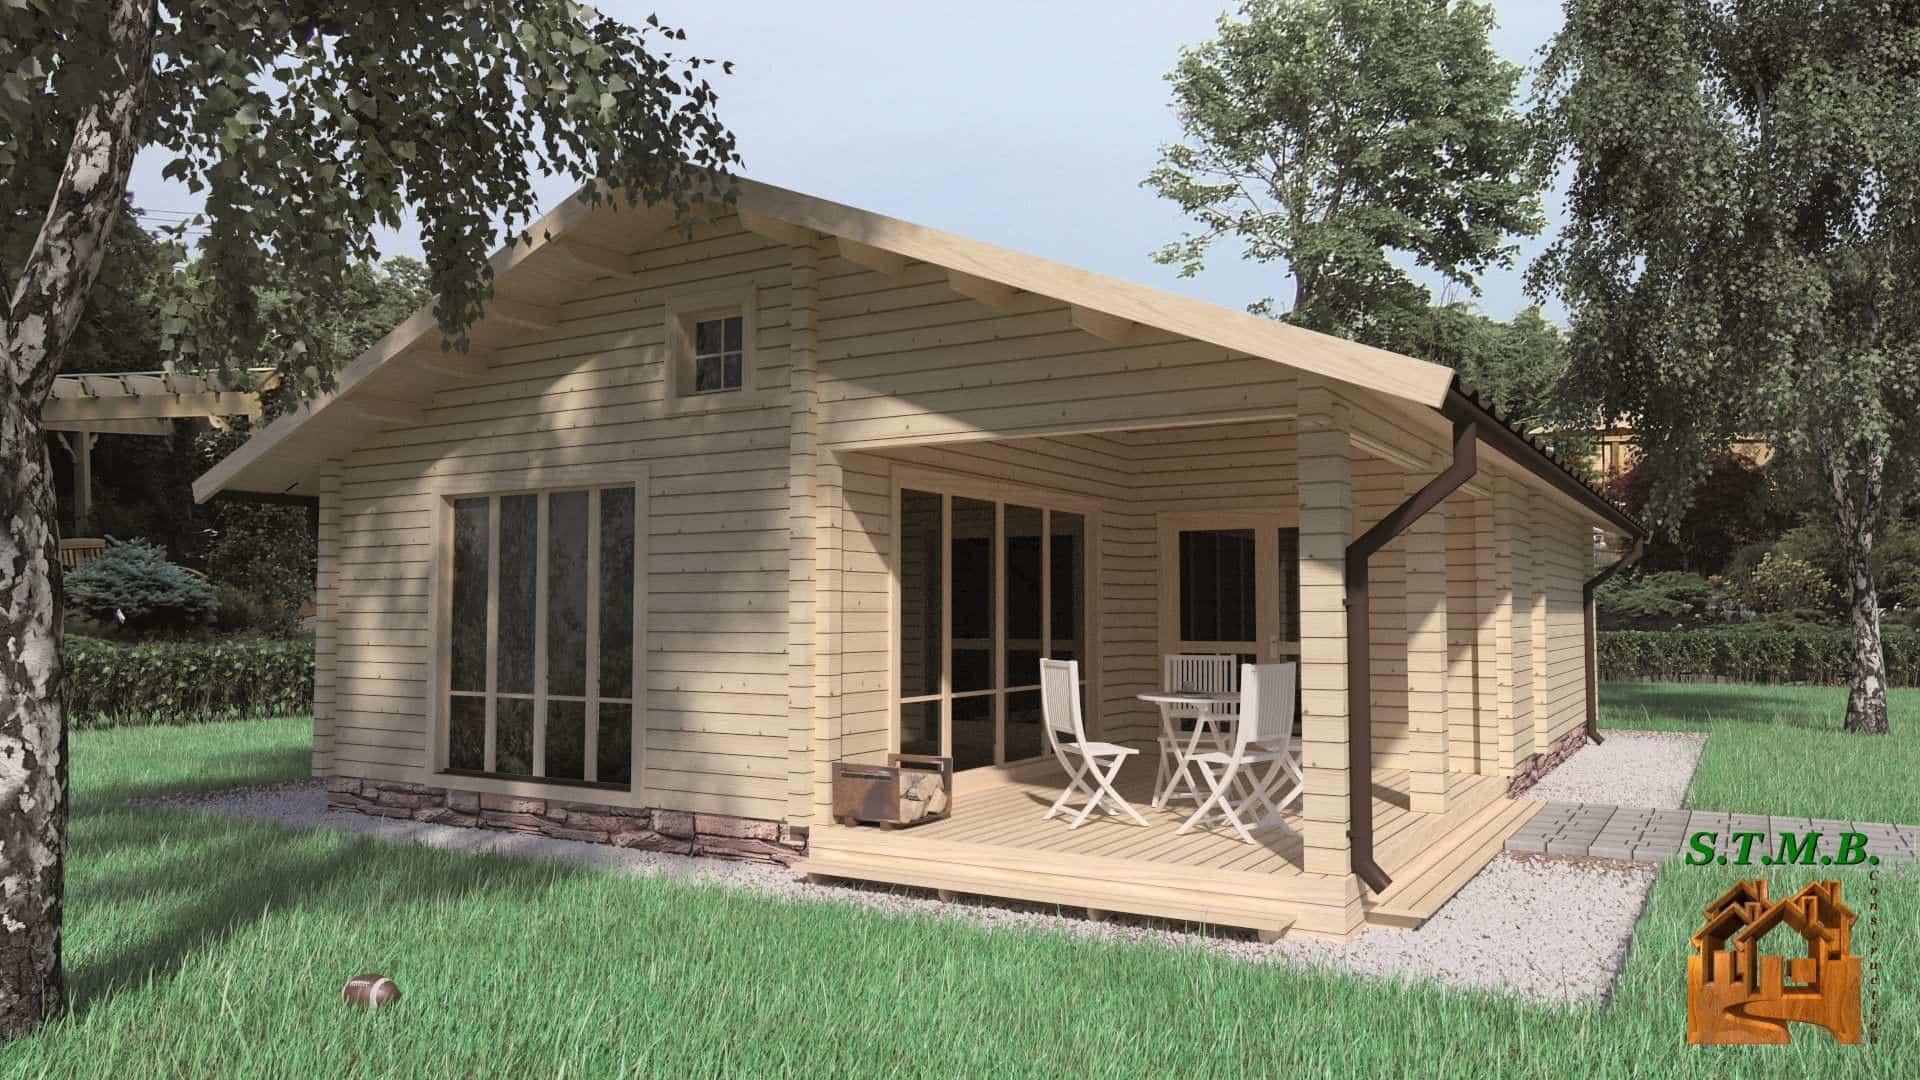 Chalet Maison Bois Kit - Le Meilleur Des Maisons Bois En Kit ... concernant Chalet En Kit Habitable